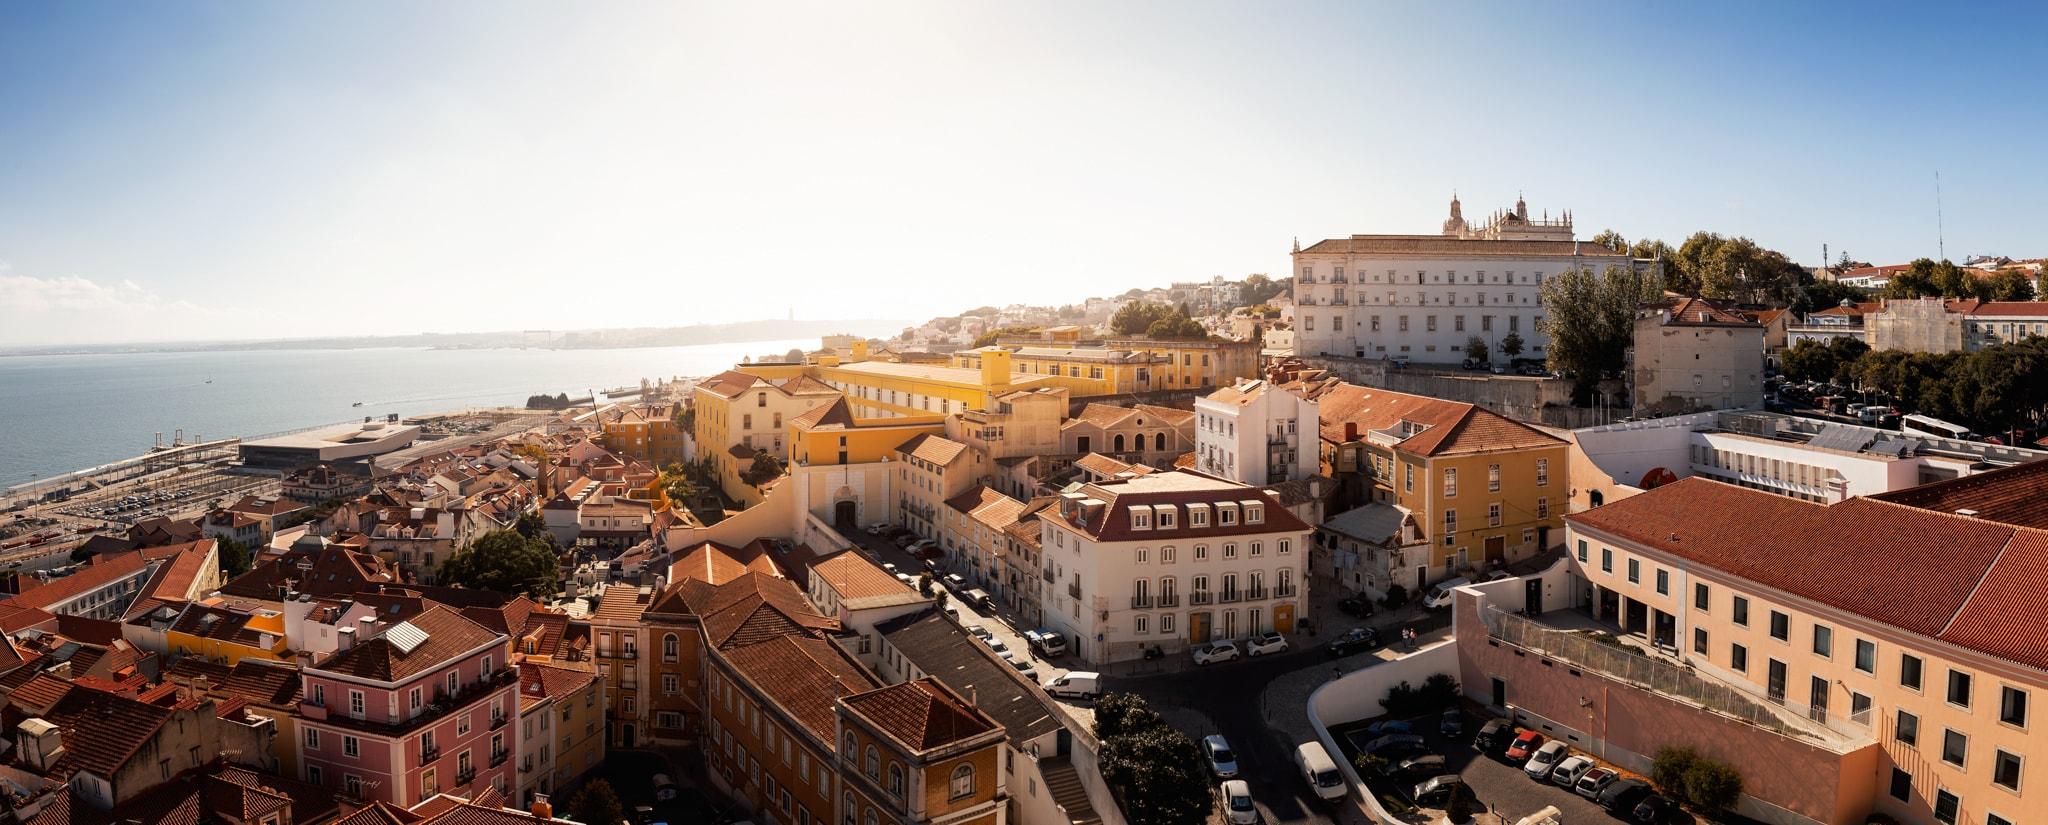 Panoramablick auf den Stadtteil Alfama in Lissabon, Portugal, Europa